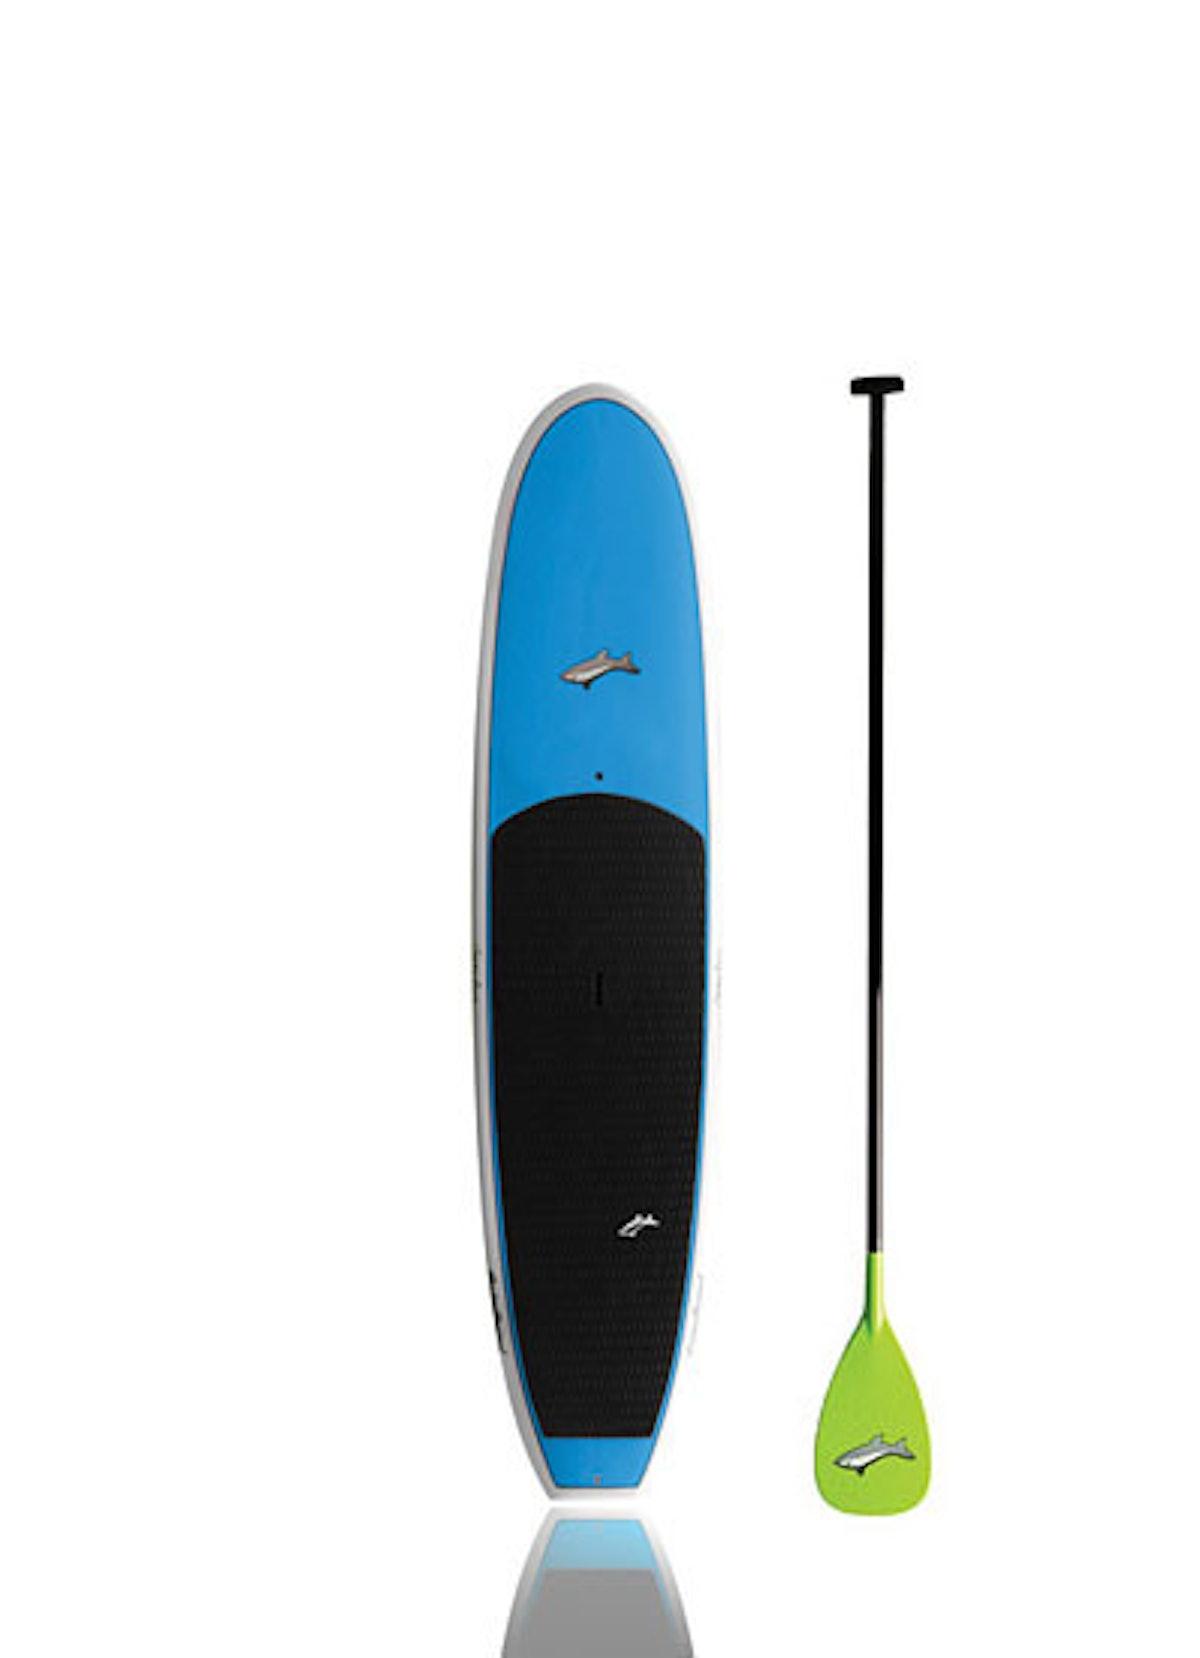 fass-gift-guide-surfing-15-v.jpg